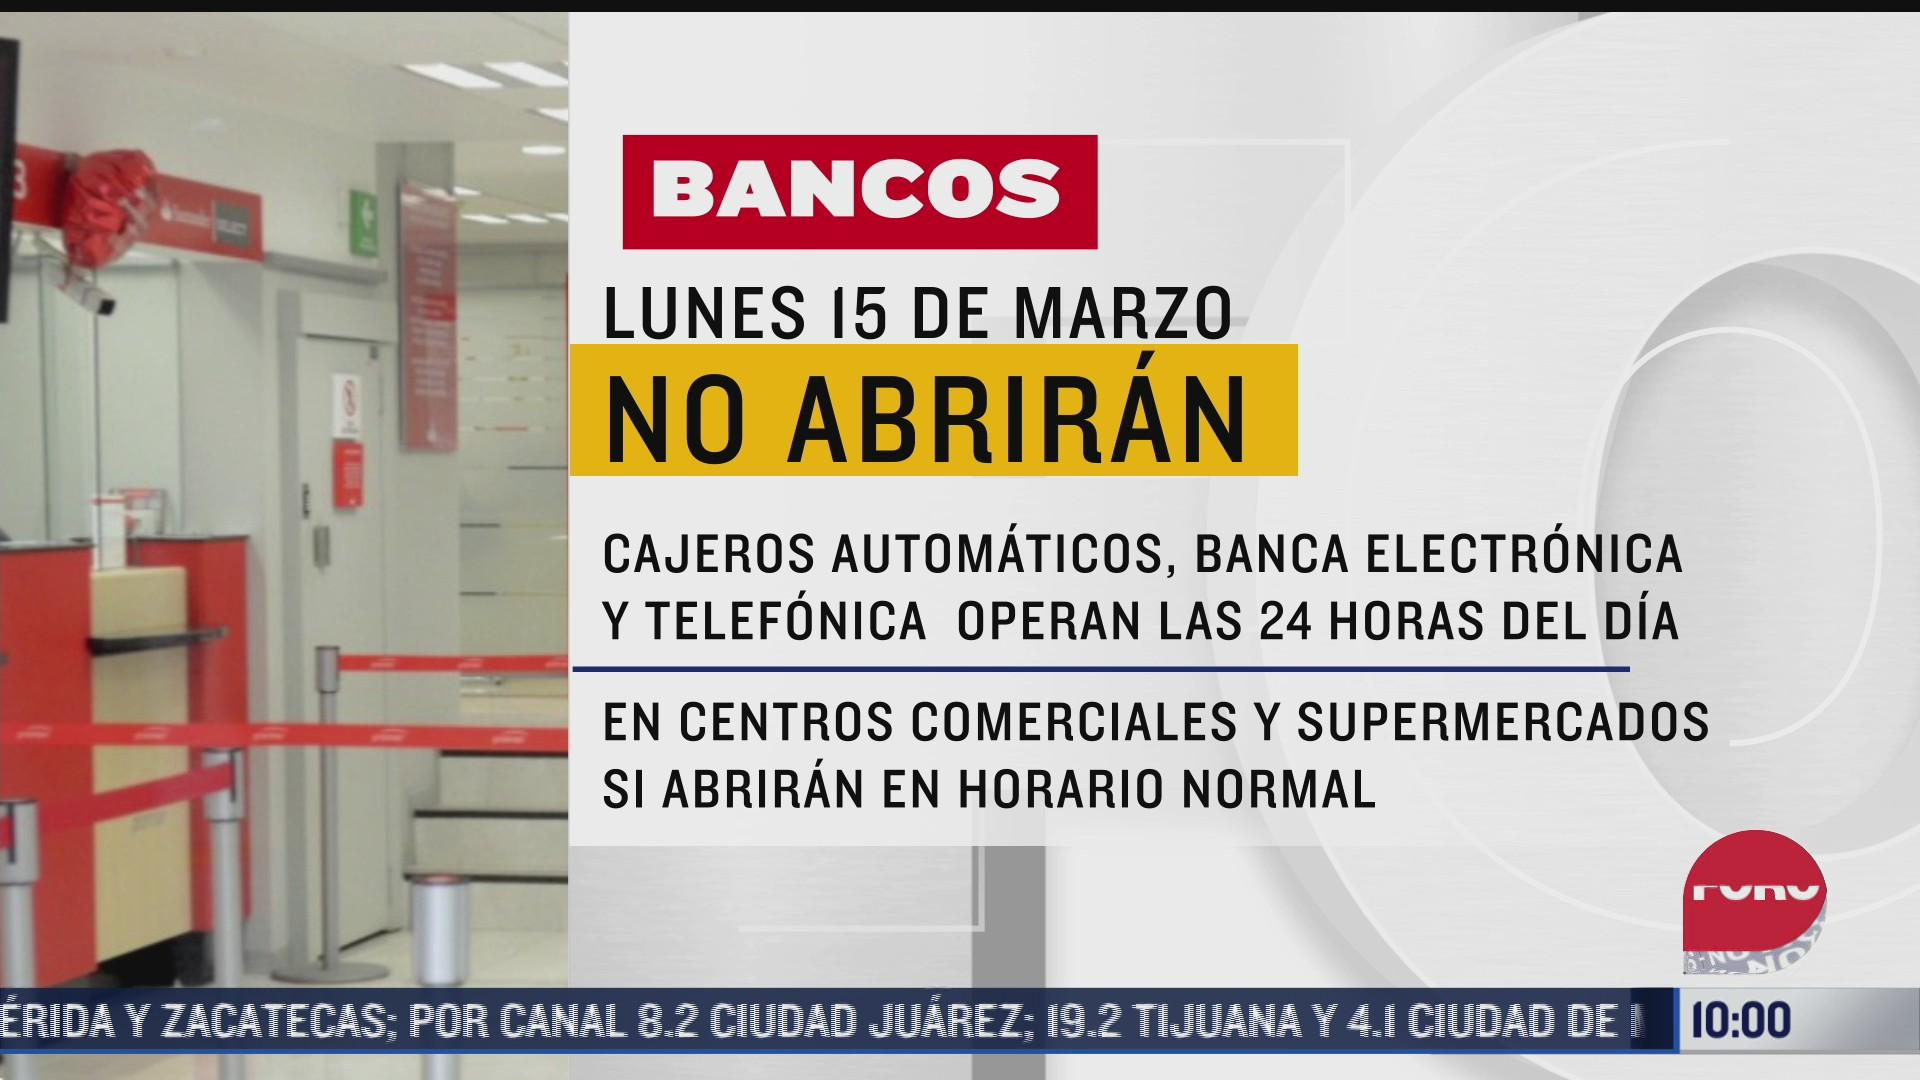 bancos cerraran sucursales el lunes 15 de marzo por dia inhabil